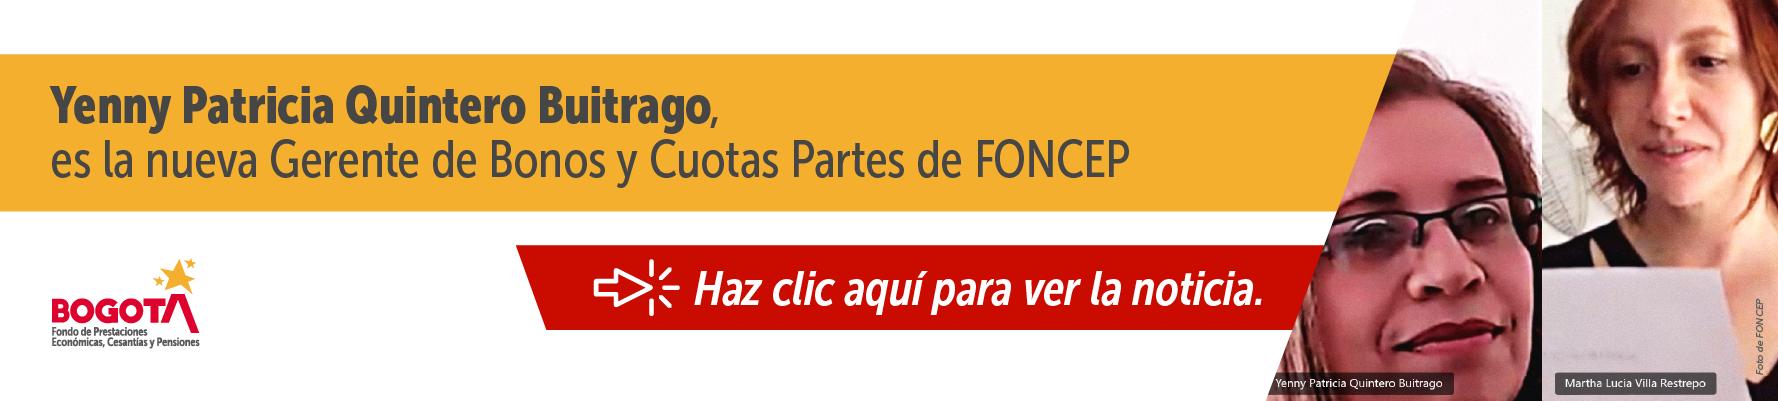 Posesión Yenny Patricia Quintero Buitrago nueva gerente Bonos y CP